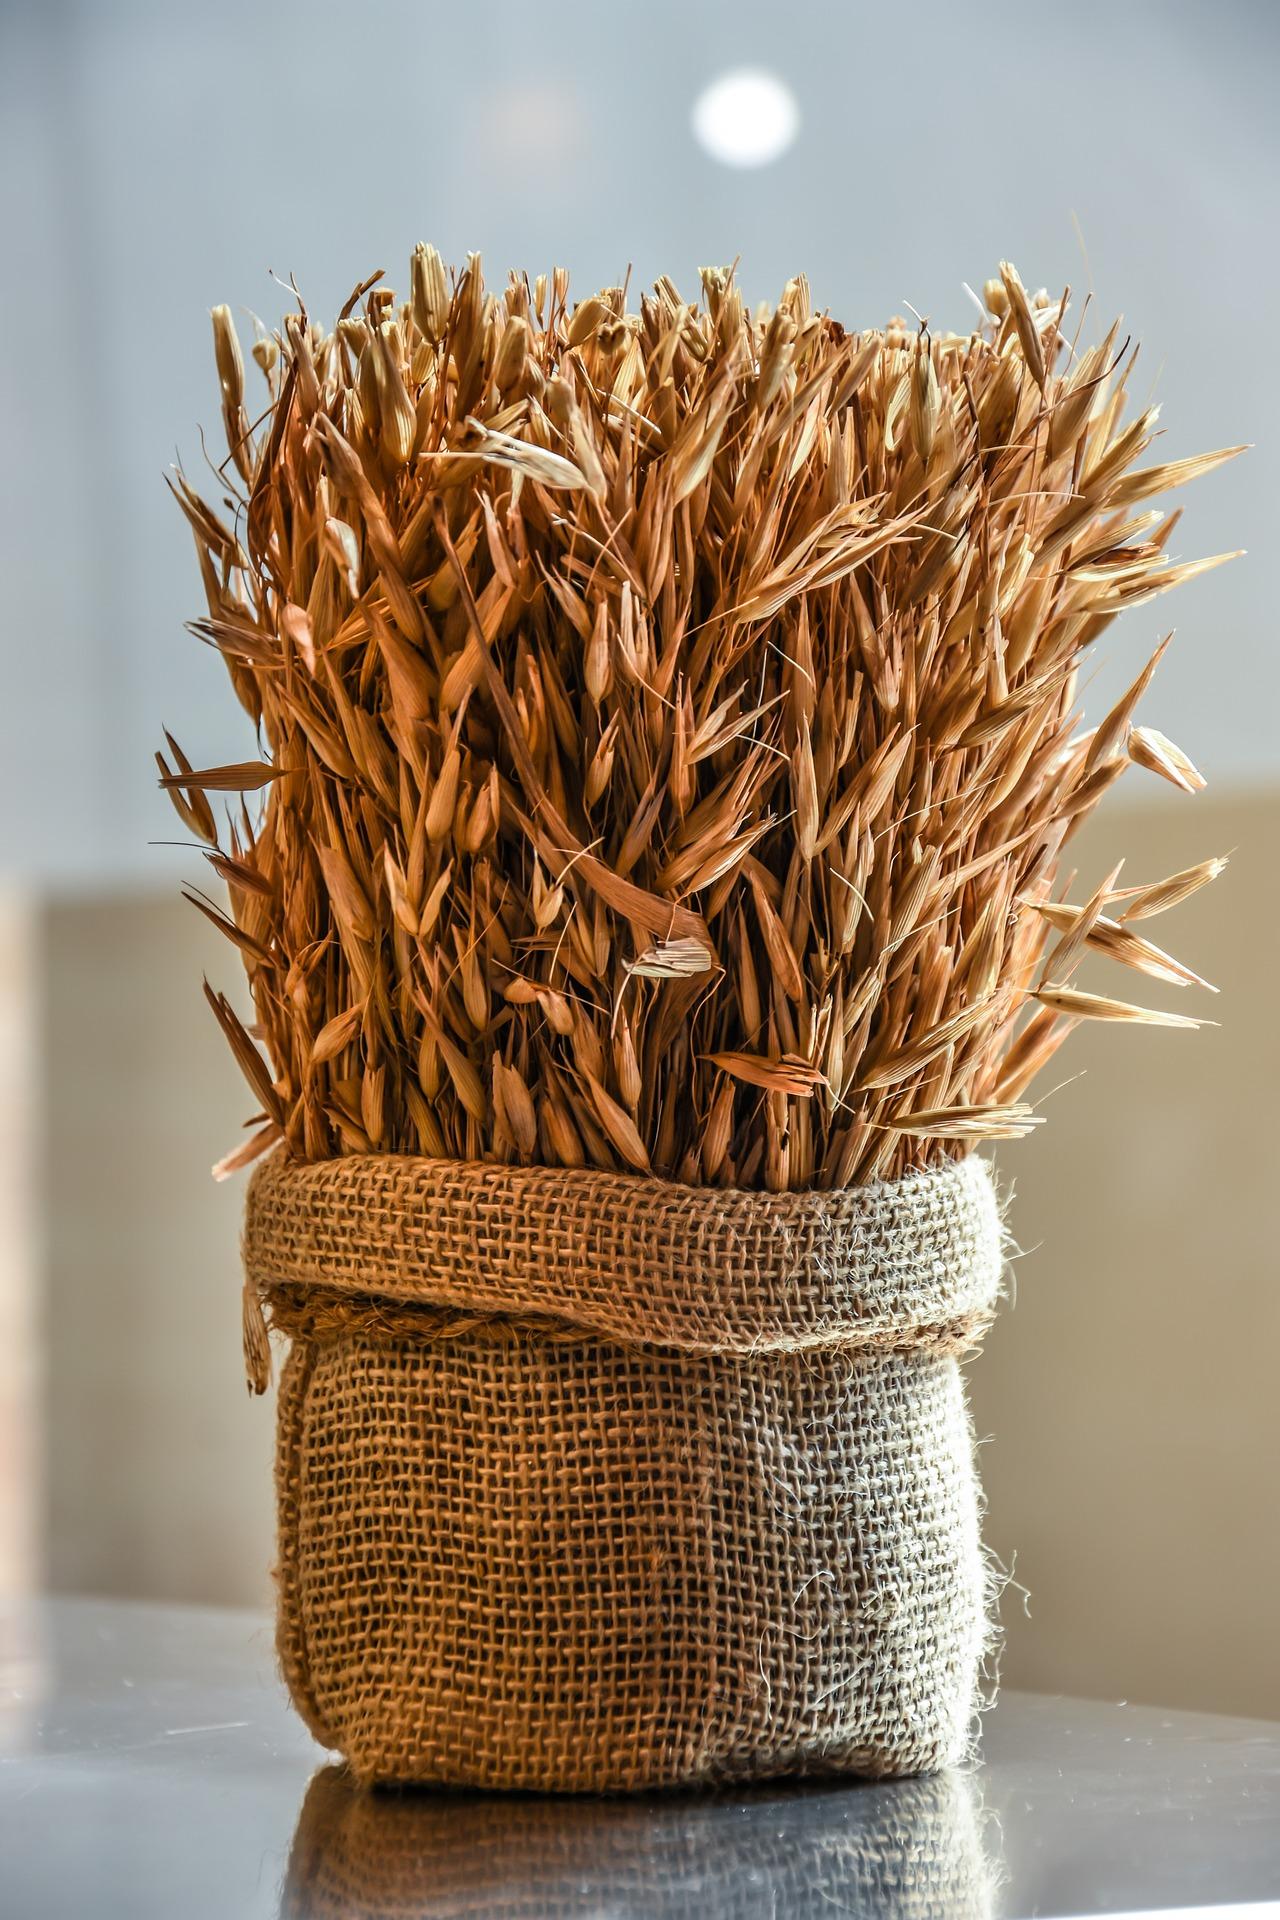 wheat-2190554_1920